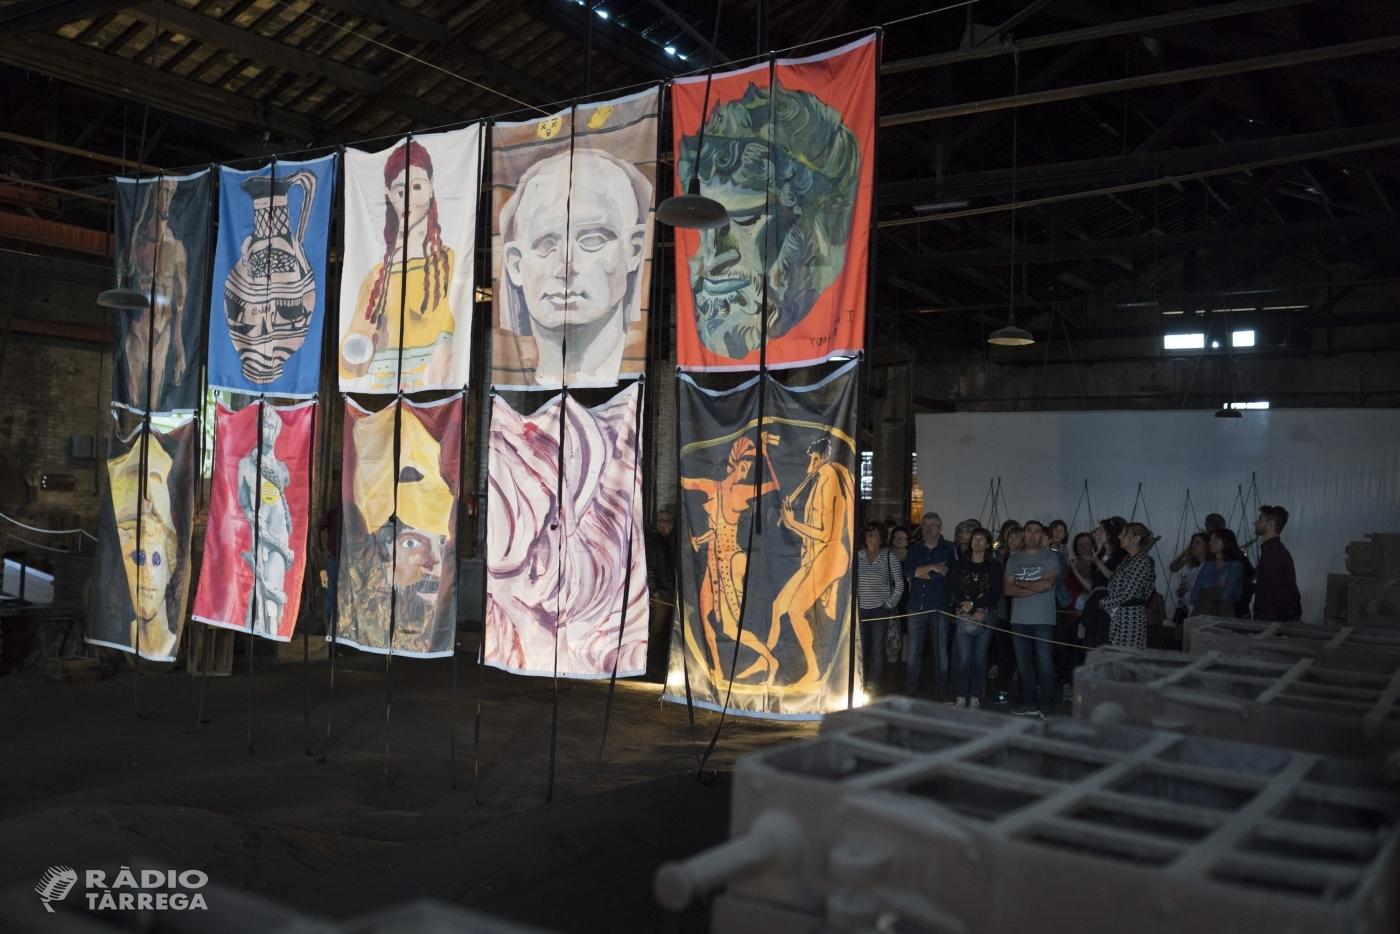 El festival de creació contemporània Embarrat de Tàrrega tanca la convocatòria artística amb 160 propostes rebudes des d'una vintena de països